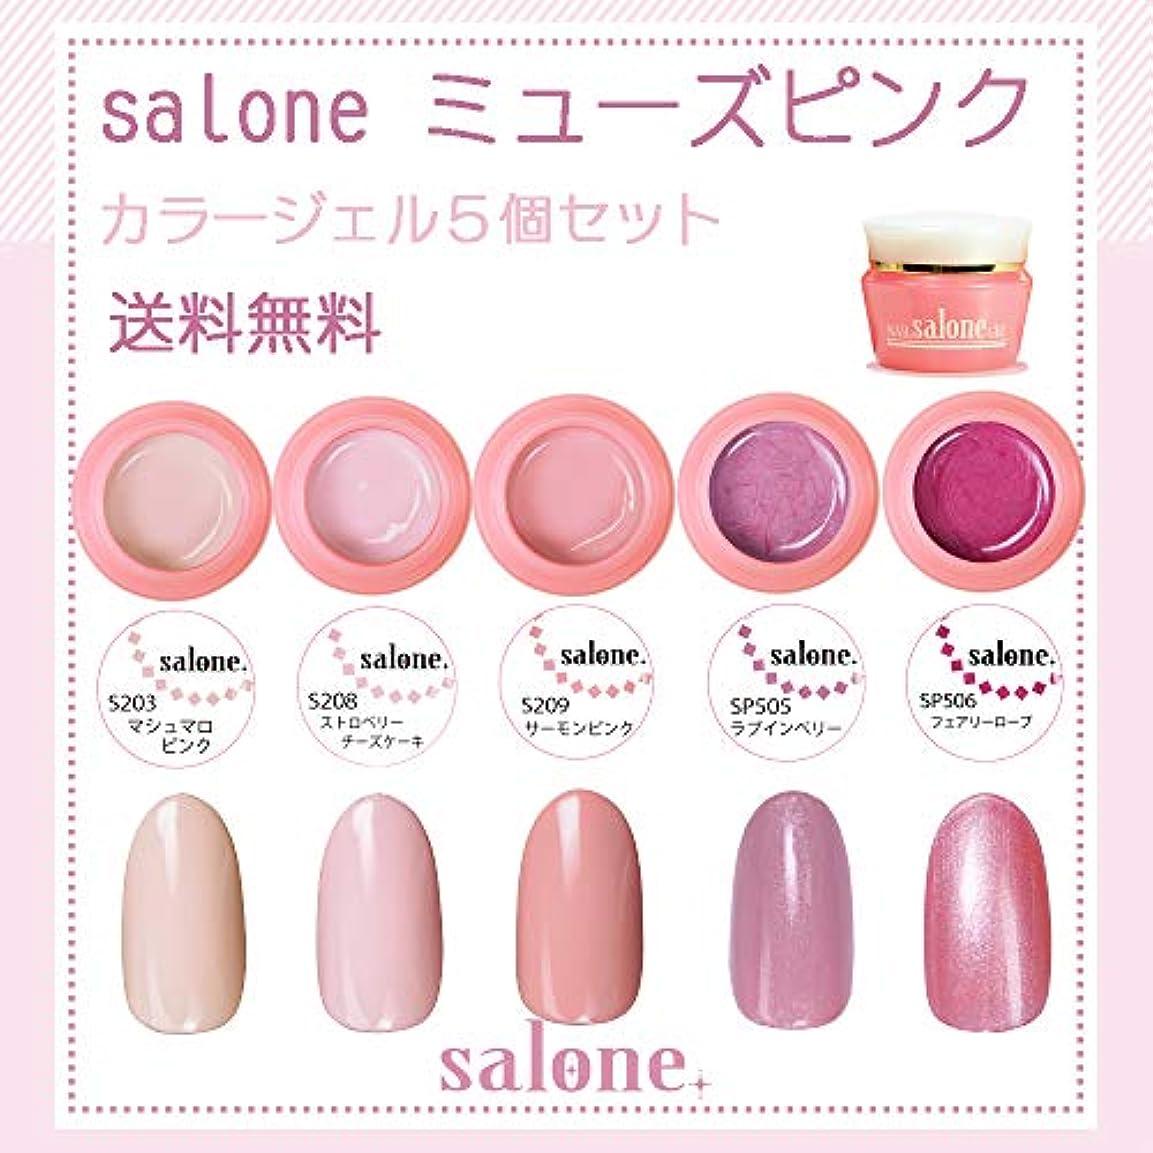 代表して拡散するあまりにも【送料無料 日本製】Salone ミューズピンク カラージェル5個セット 春にピッタリでトレンドカラーのミューズピンク